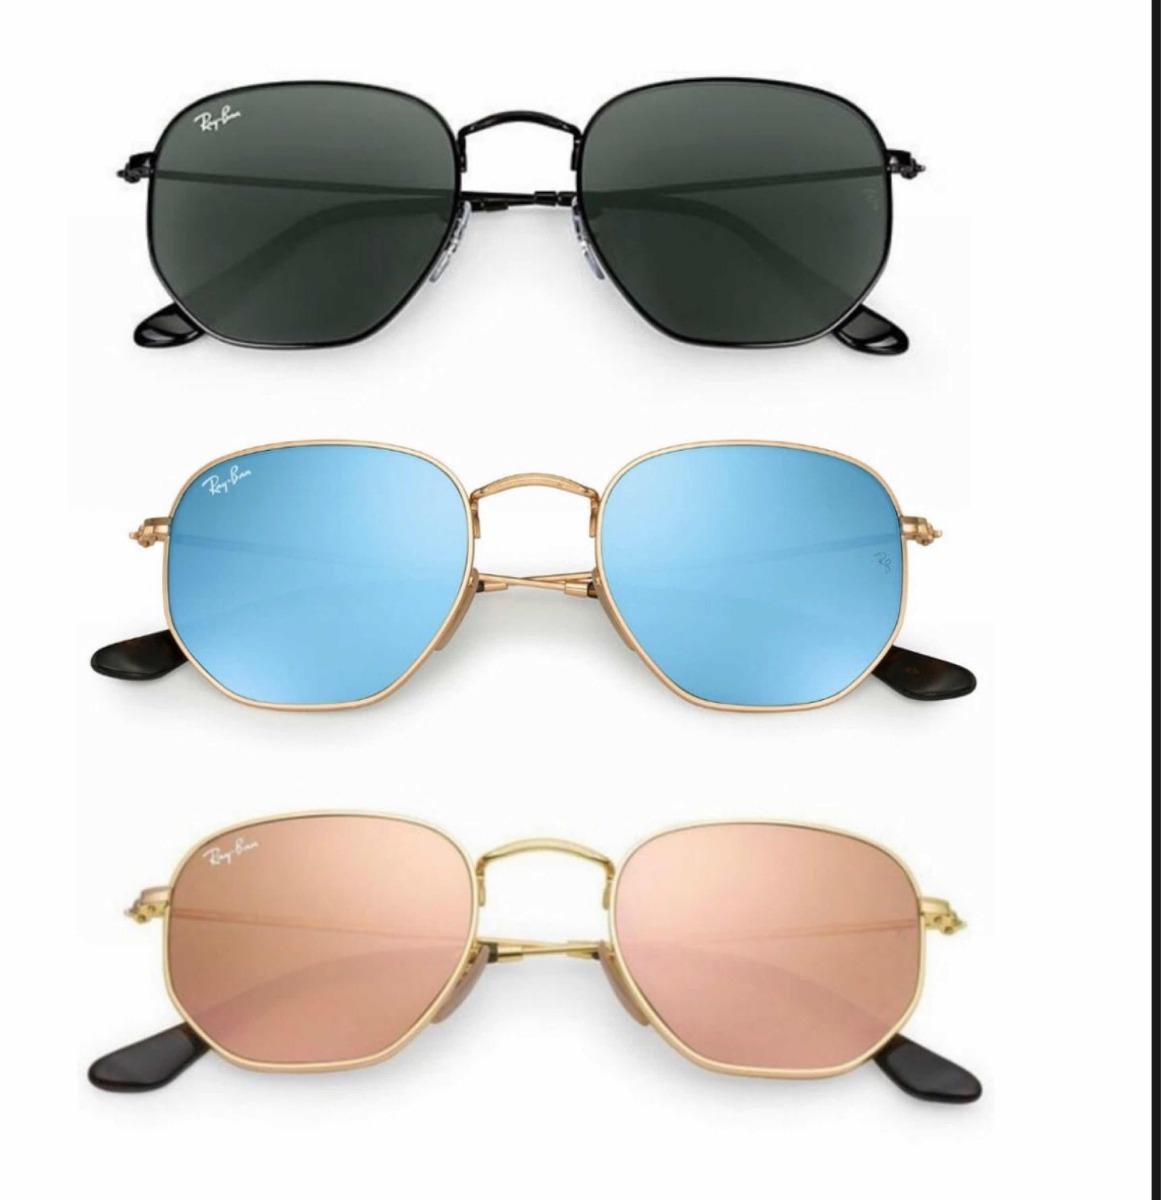 dcb739e6e Óculos De Sol Modelos Ray Ban Modelos Novos - R$ 119,00 em Mercado Livre